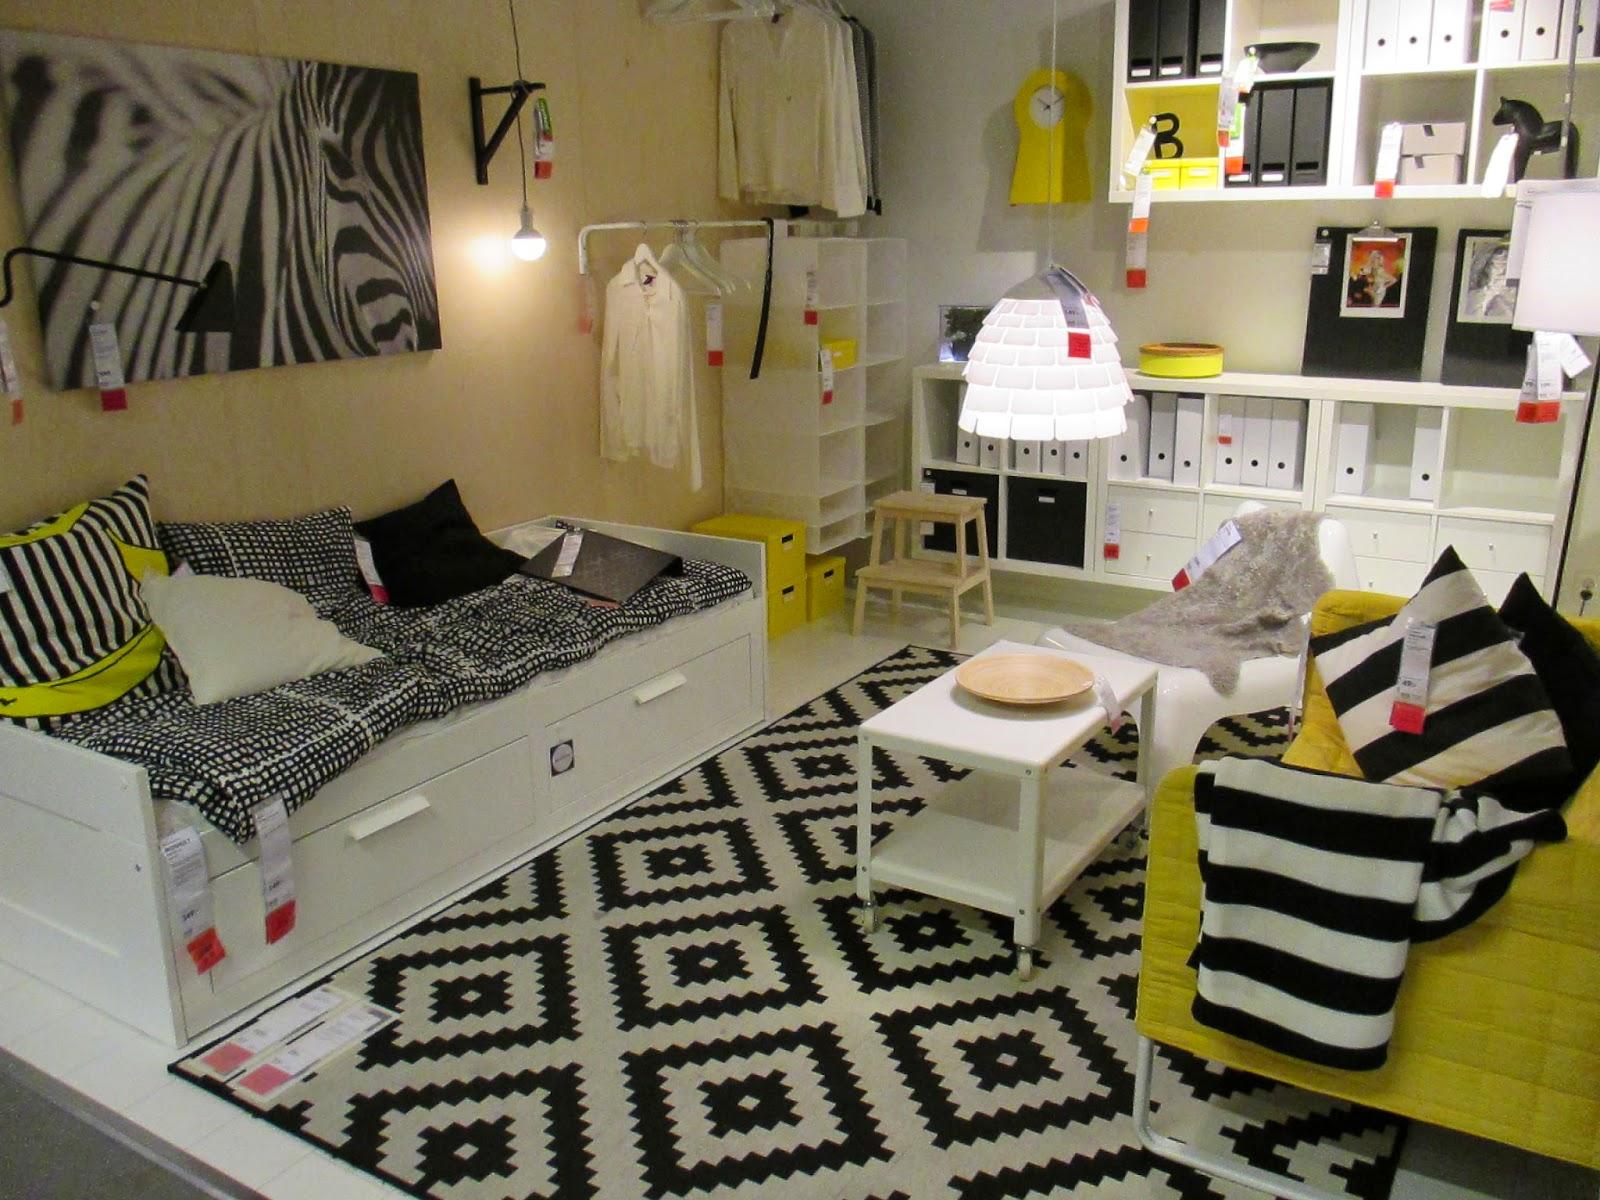 el vestidor e s el lugar para tener organizada nuestra ropa y para cambiarse en realidad es el sueo de muchas de nosotras tener en casa un gran vestidor - Ikea Diseo